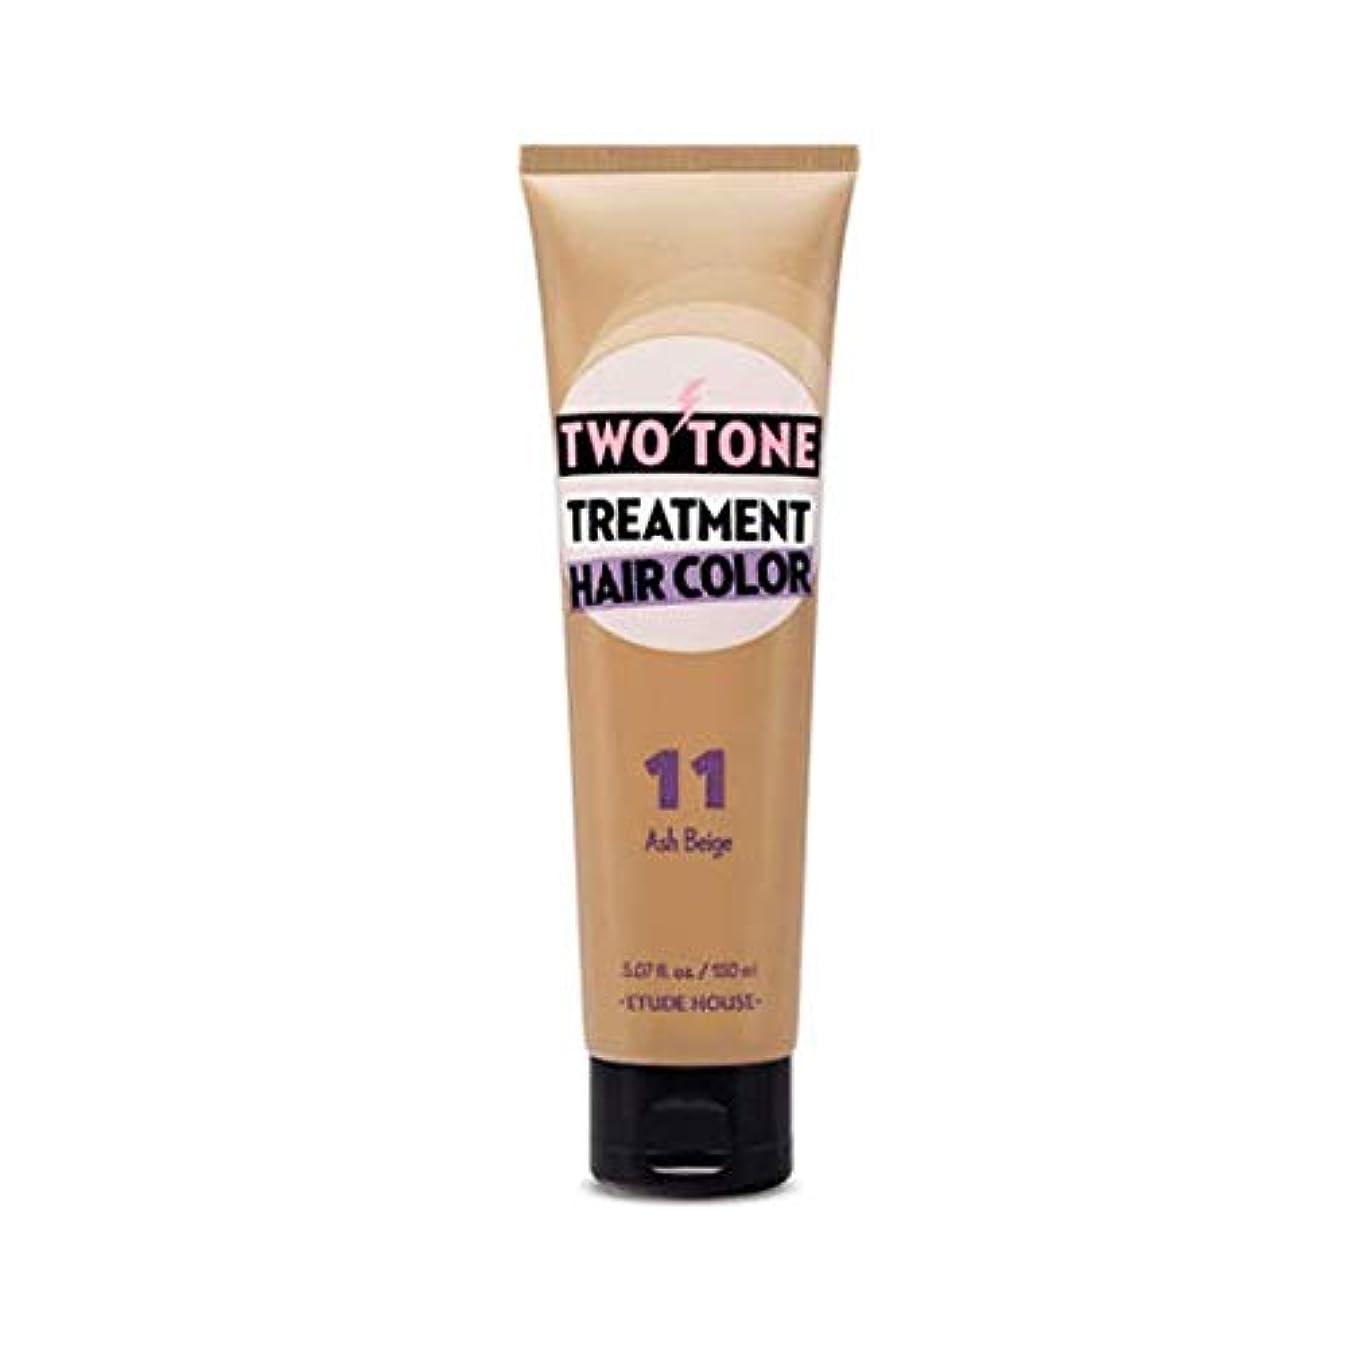 靴下星よろめくETUDE HOUSE Two Tone Treatment Hair Color *11 Ash Beige/エチュードハウス ツートントリートメントヘアカラー150ml [並行輸入品]